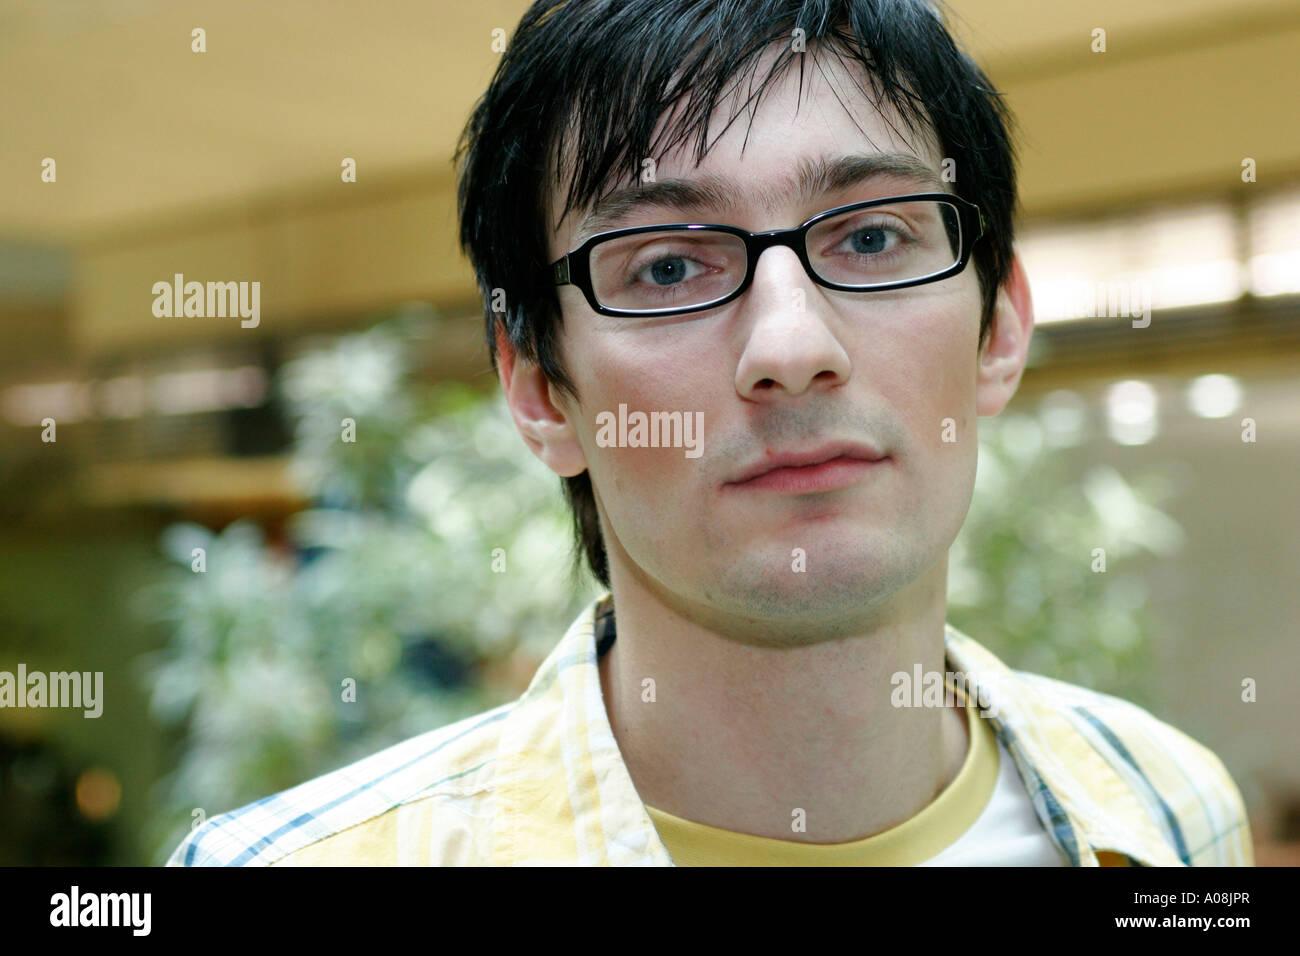 Junger dunkelhaariger Mann, young man portrait - Stock Image